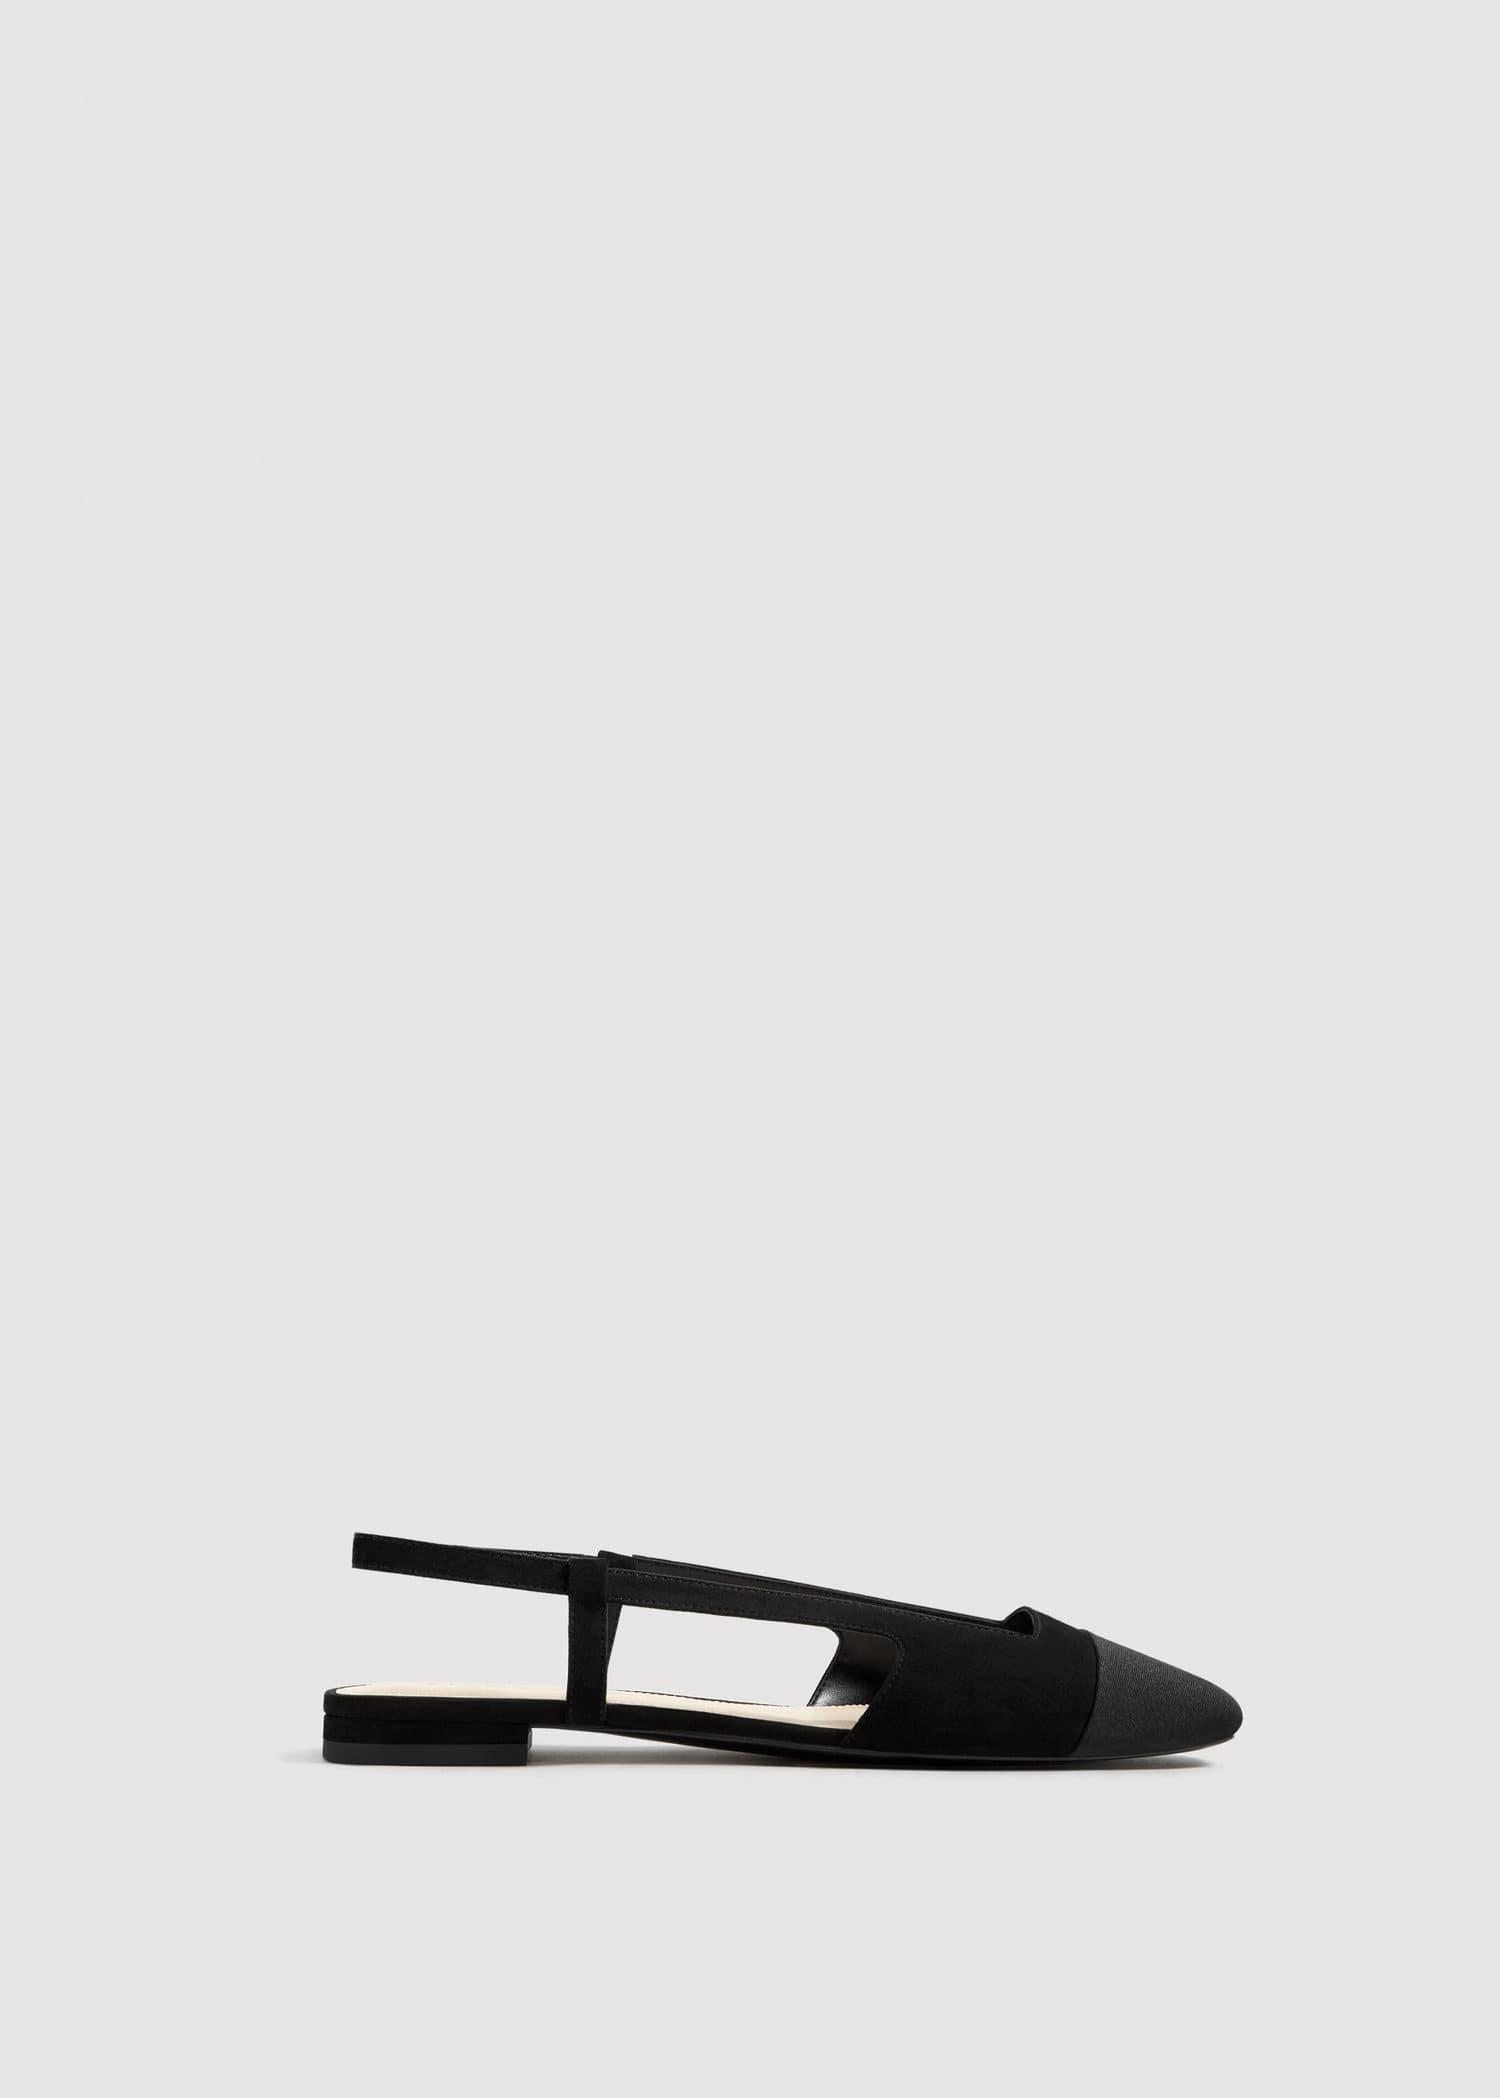 00c821d4775470 Combinées Femme Belgique L'arrière Mango Chaussures Ouvertes À BnTv0xdx